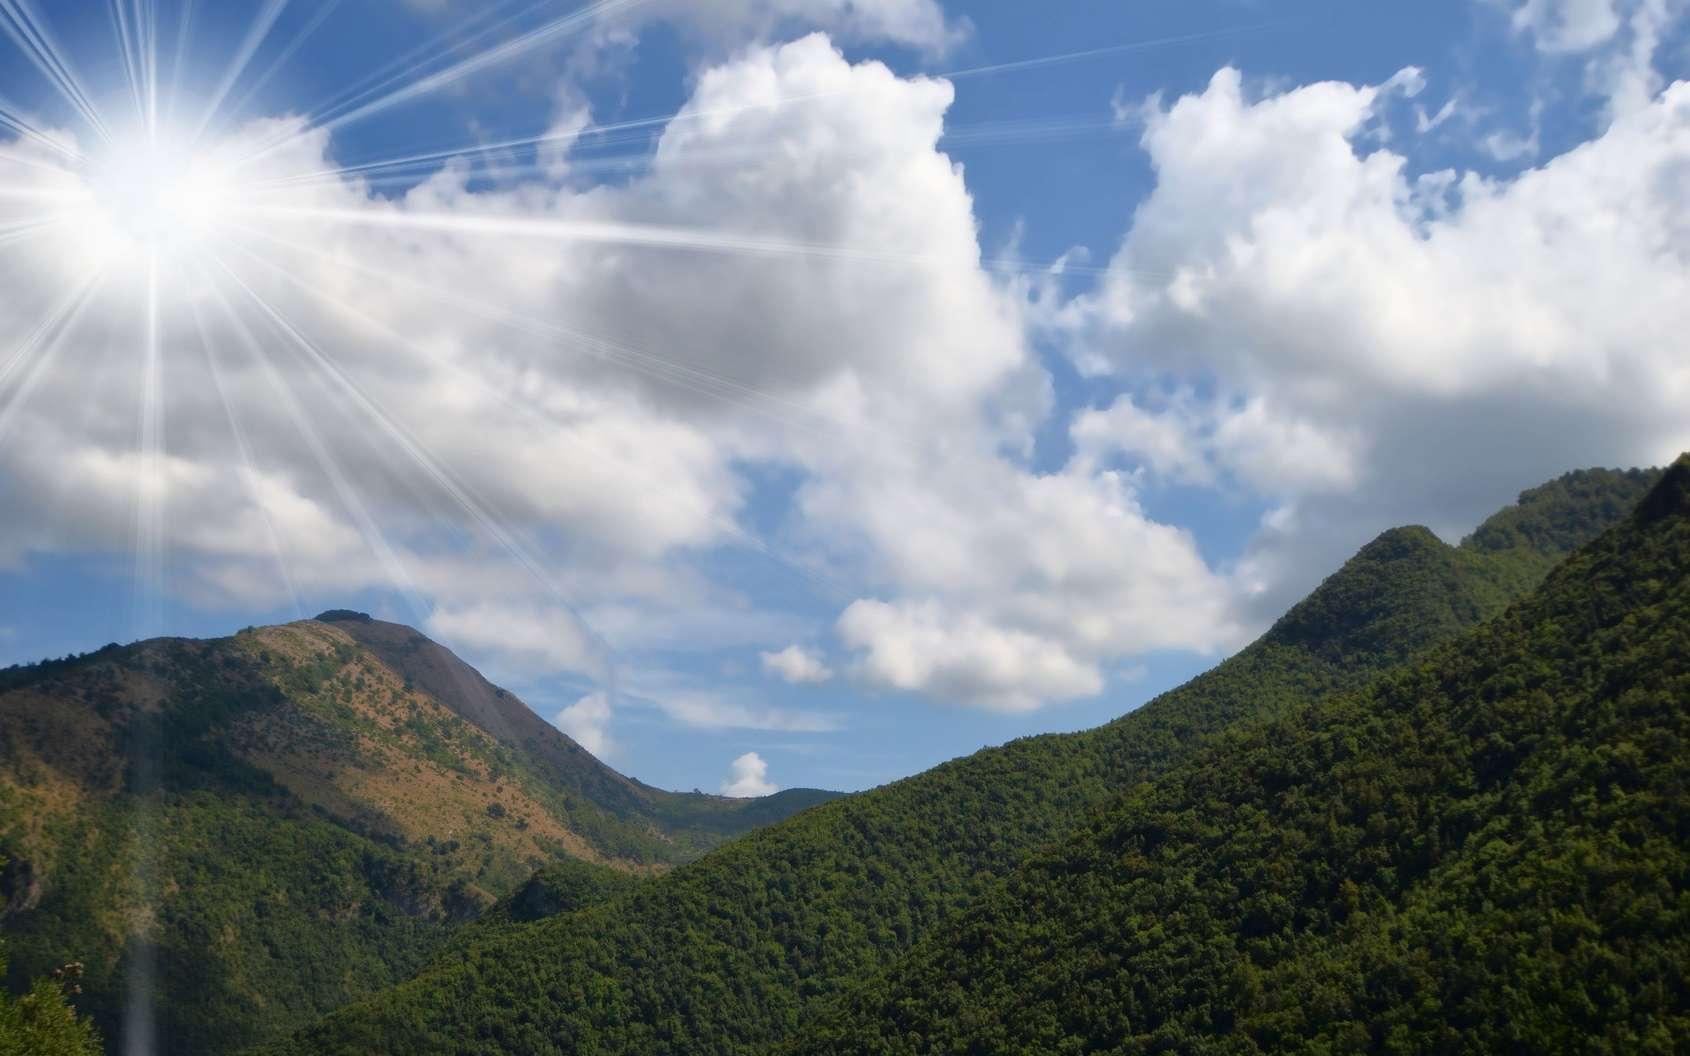 Le parc national du Pollino (Italie) abrite le plus vieil arbre européen. © lisa_L, Fotolia